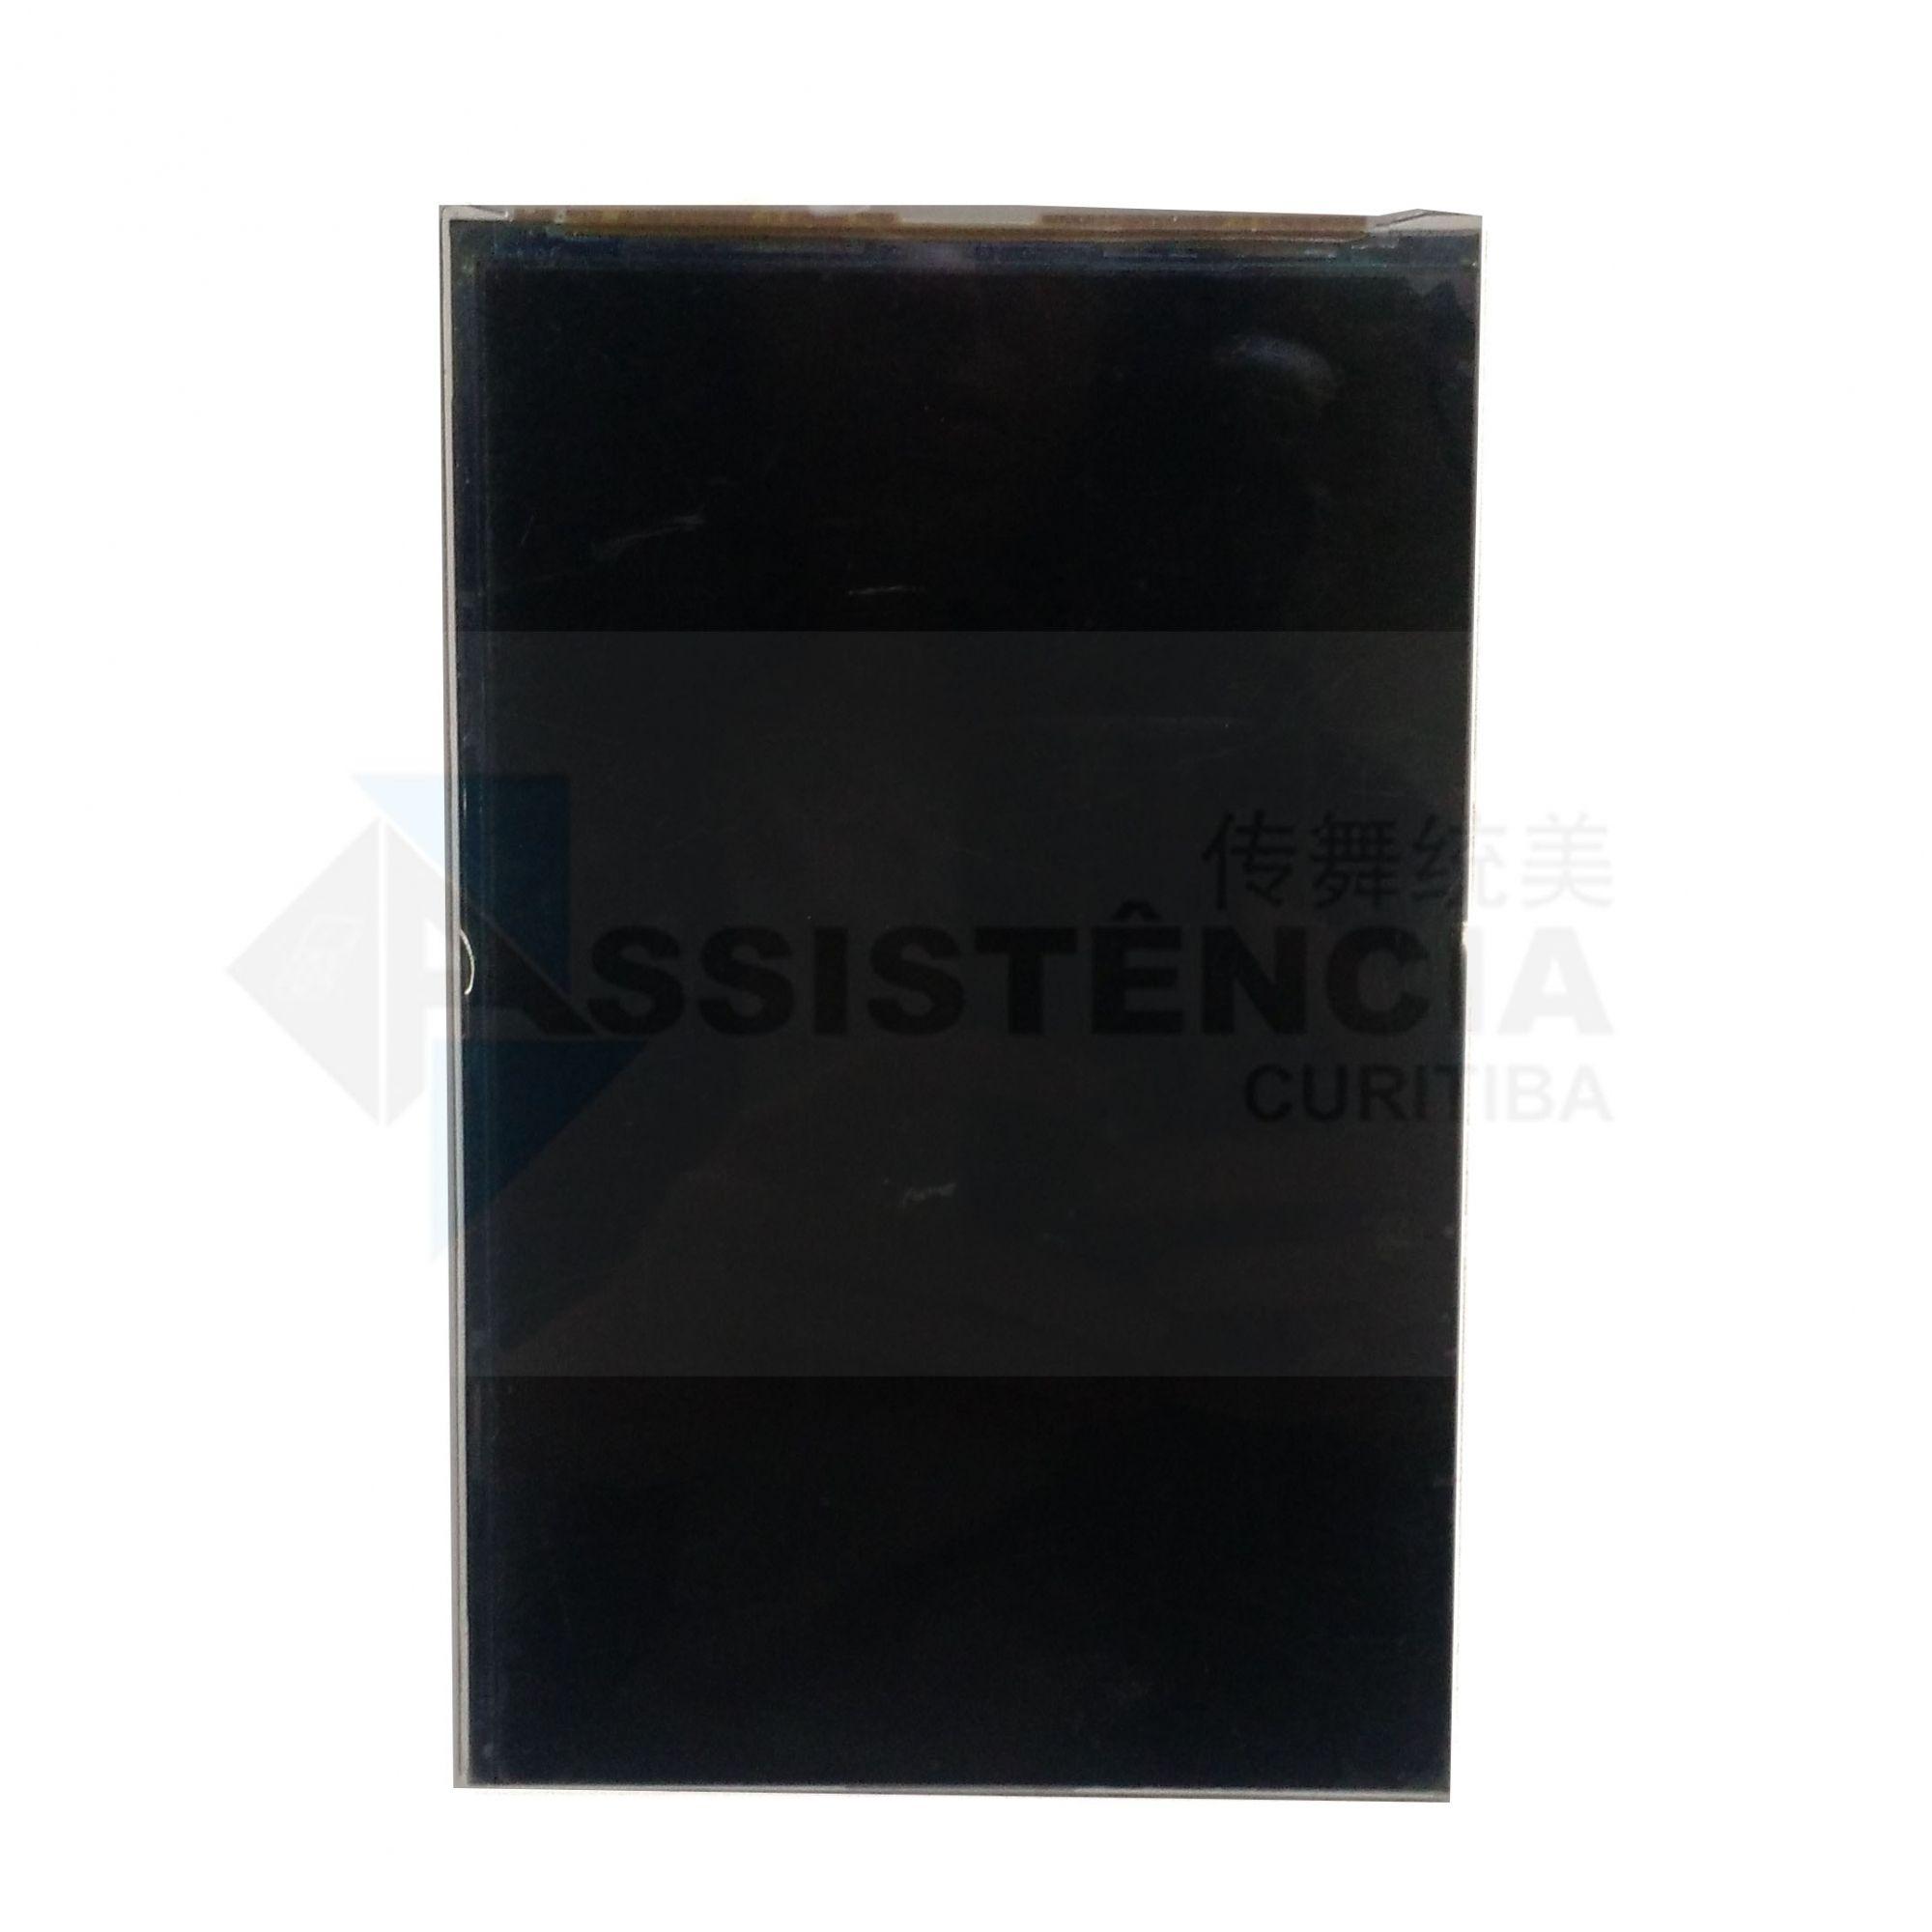 TELA DISPLAY LCD TABLET ASUS NEXUS 7 ME370